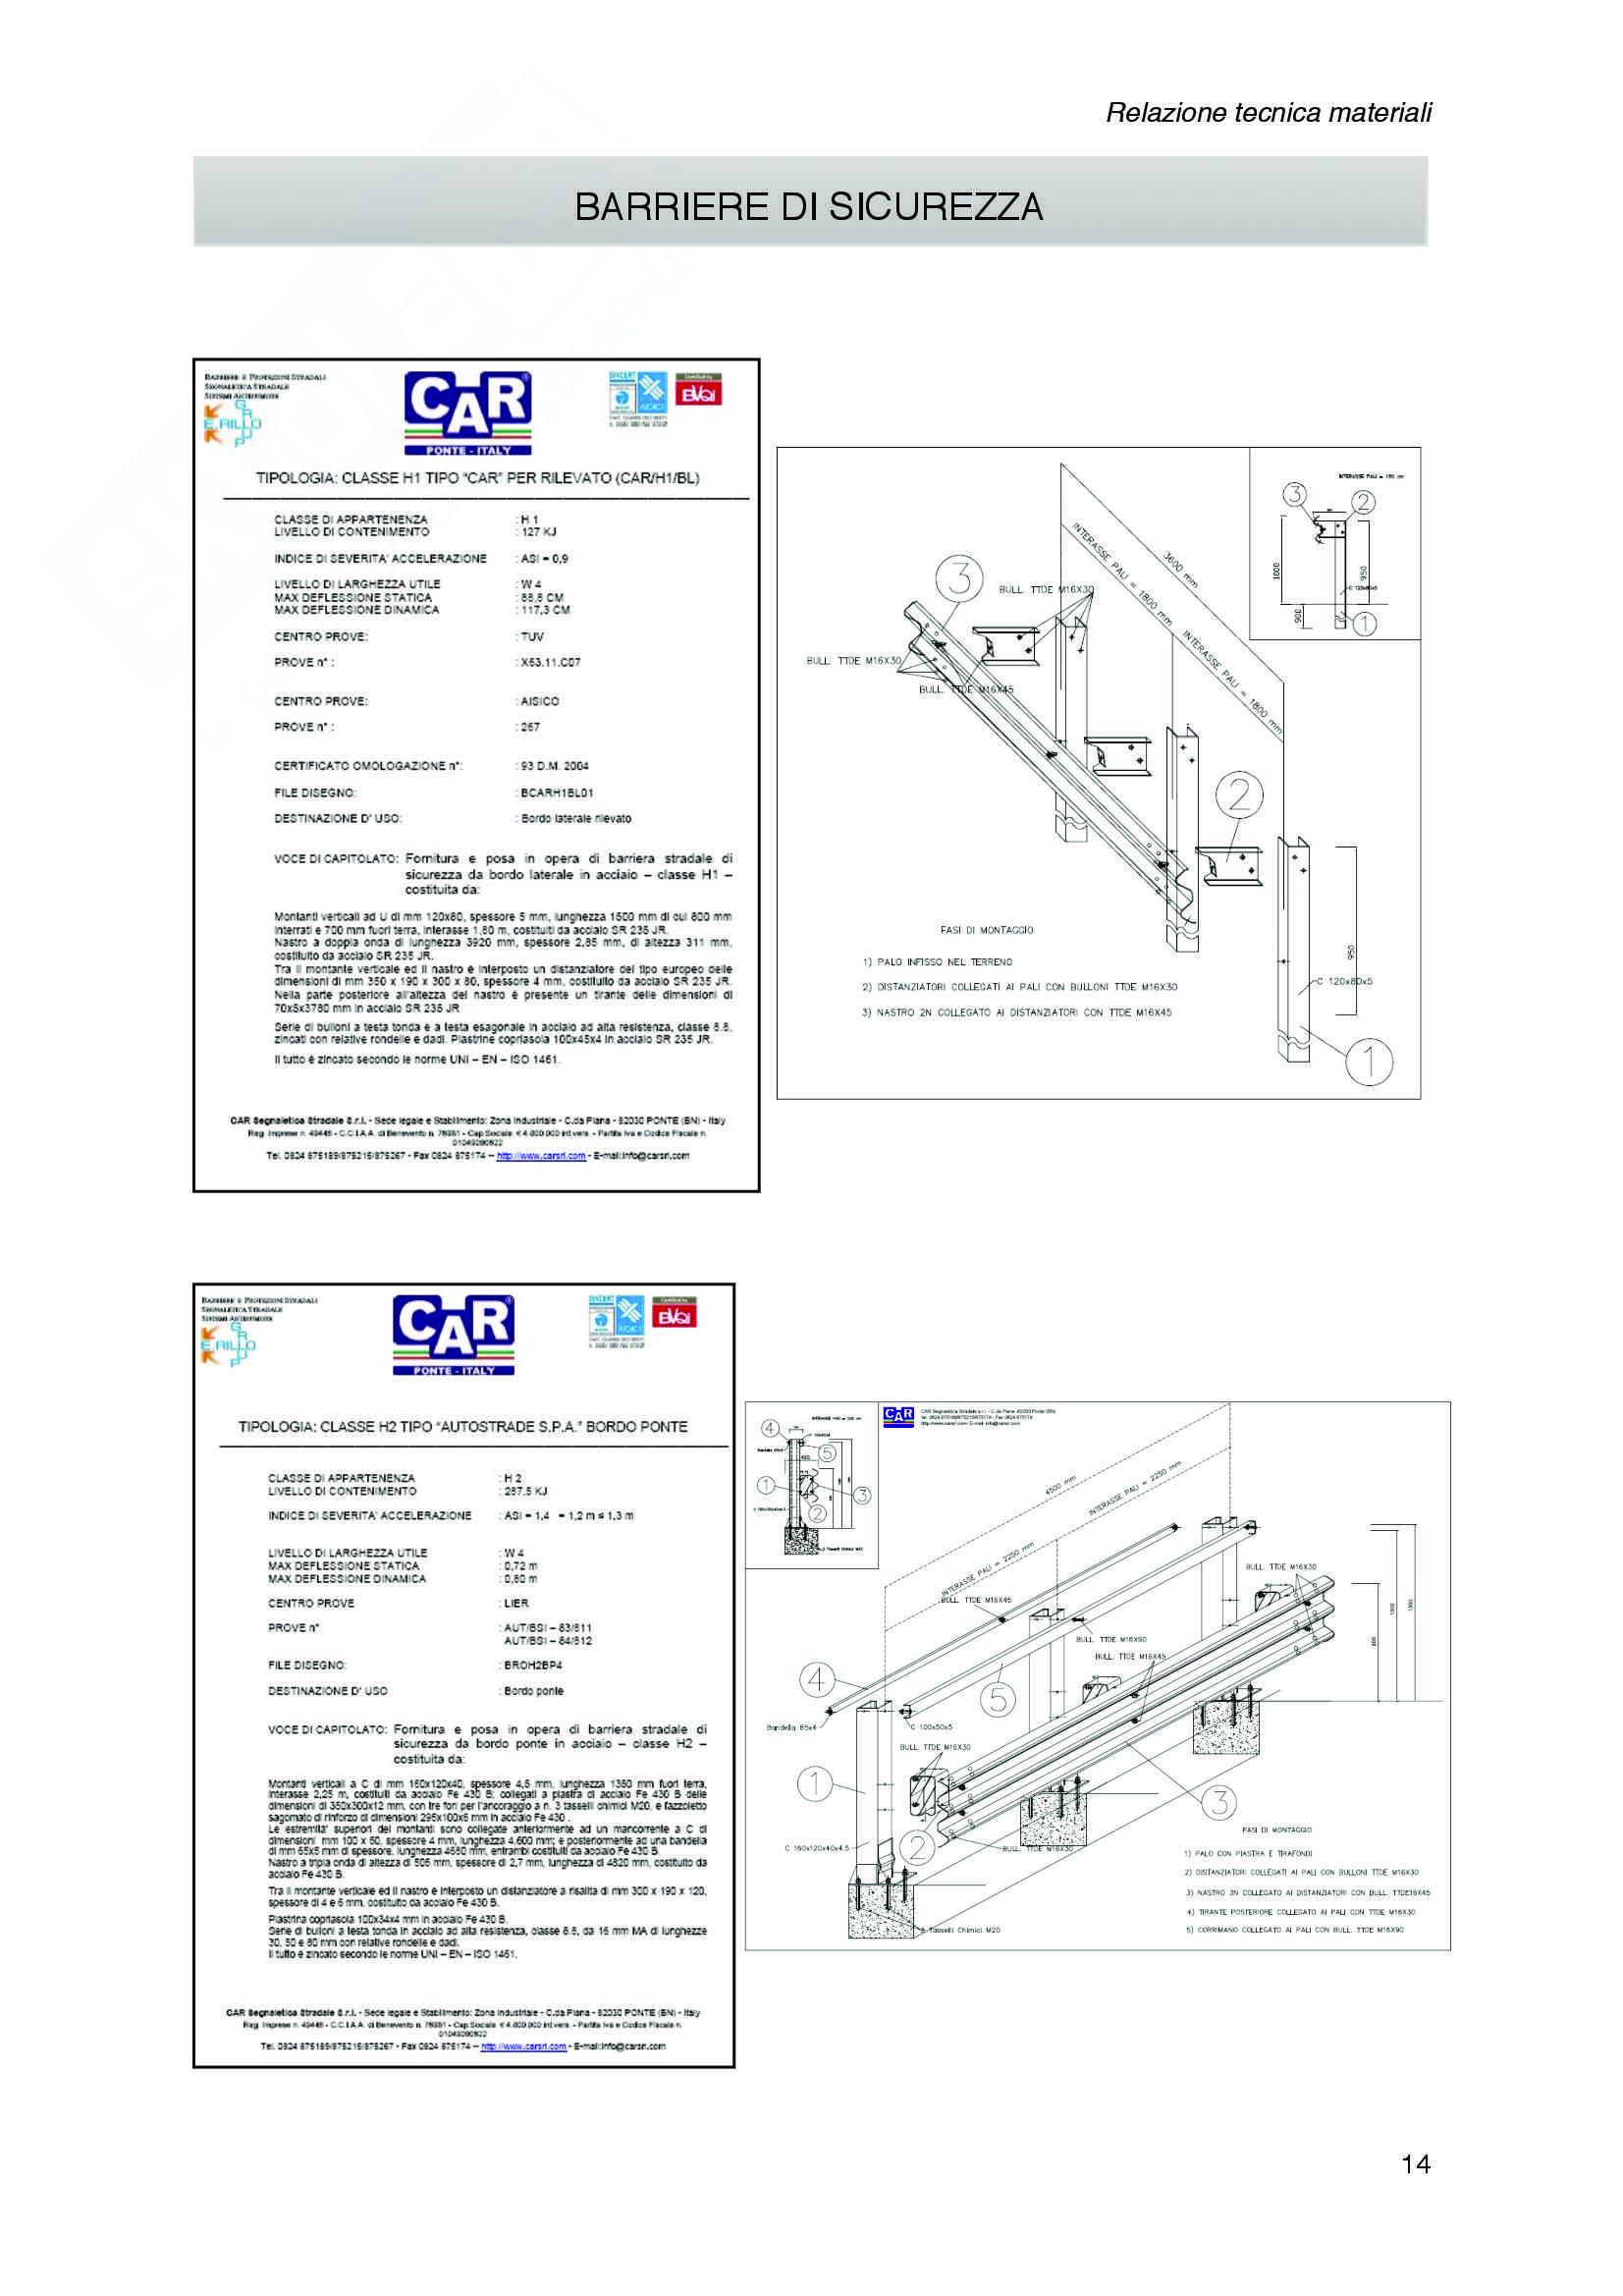 Progetto per la costruzione di una strada extraurbana secondaria di categoria C2 Pag. 36